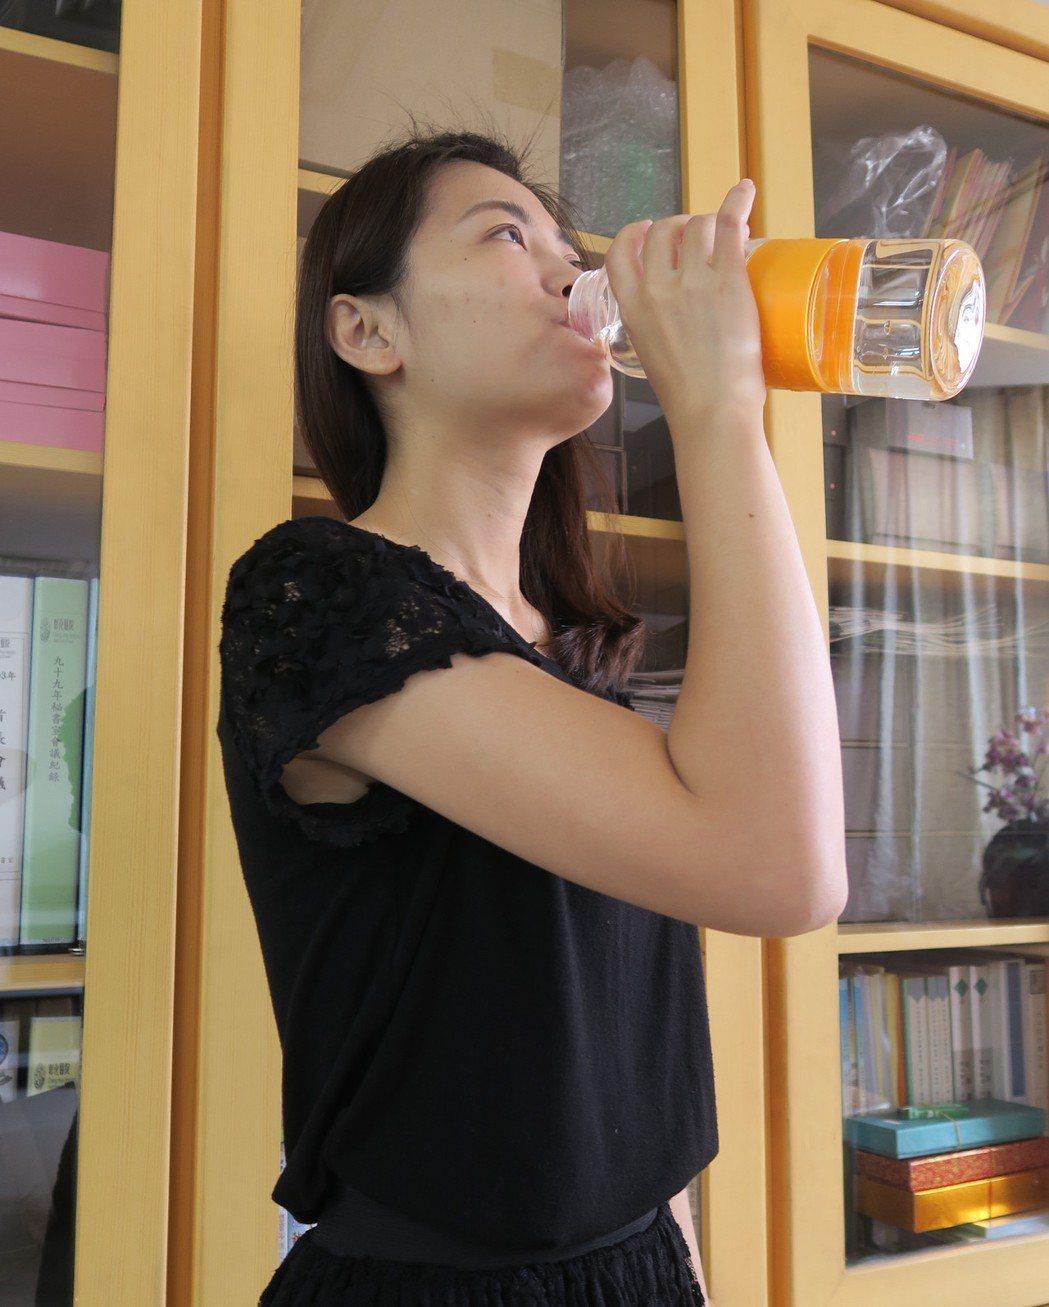 炎炎夏日,民眾補充水分避免中暑。記者林敬家/攝影